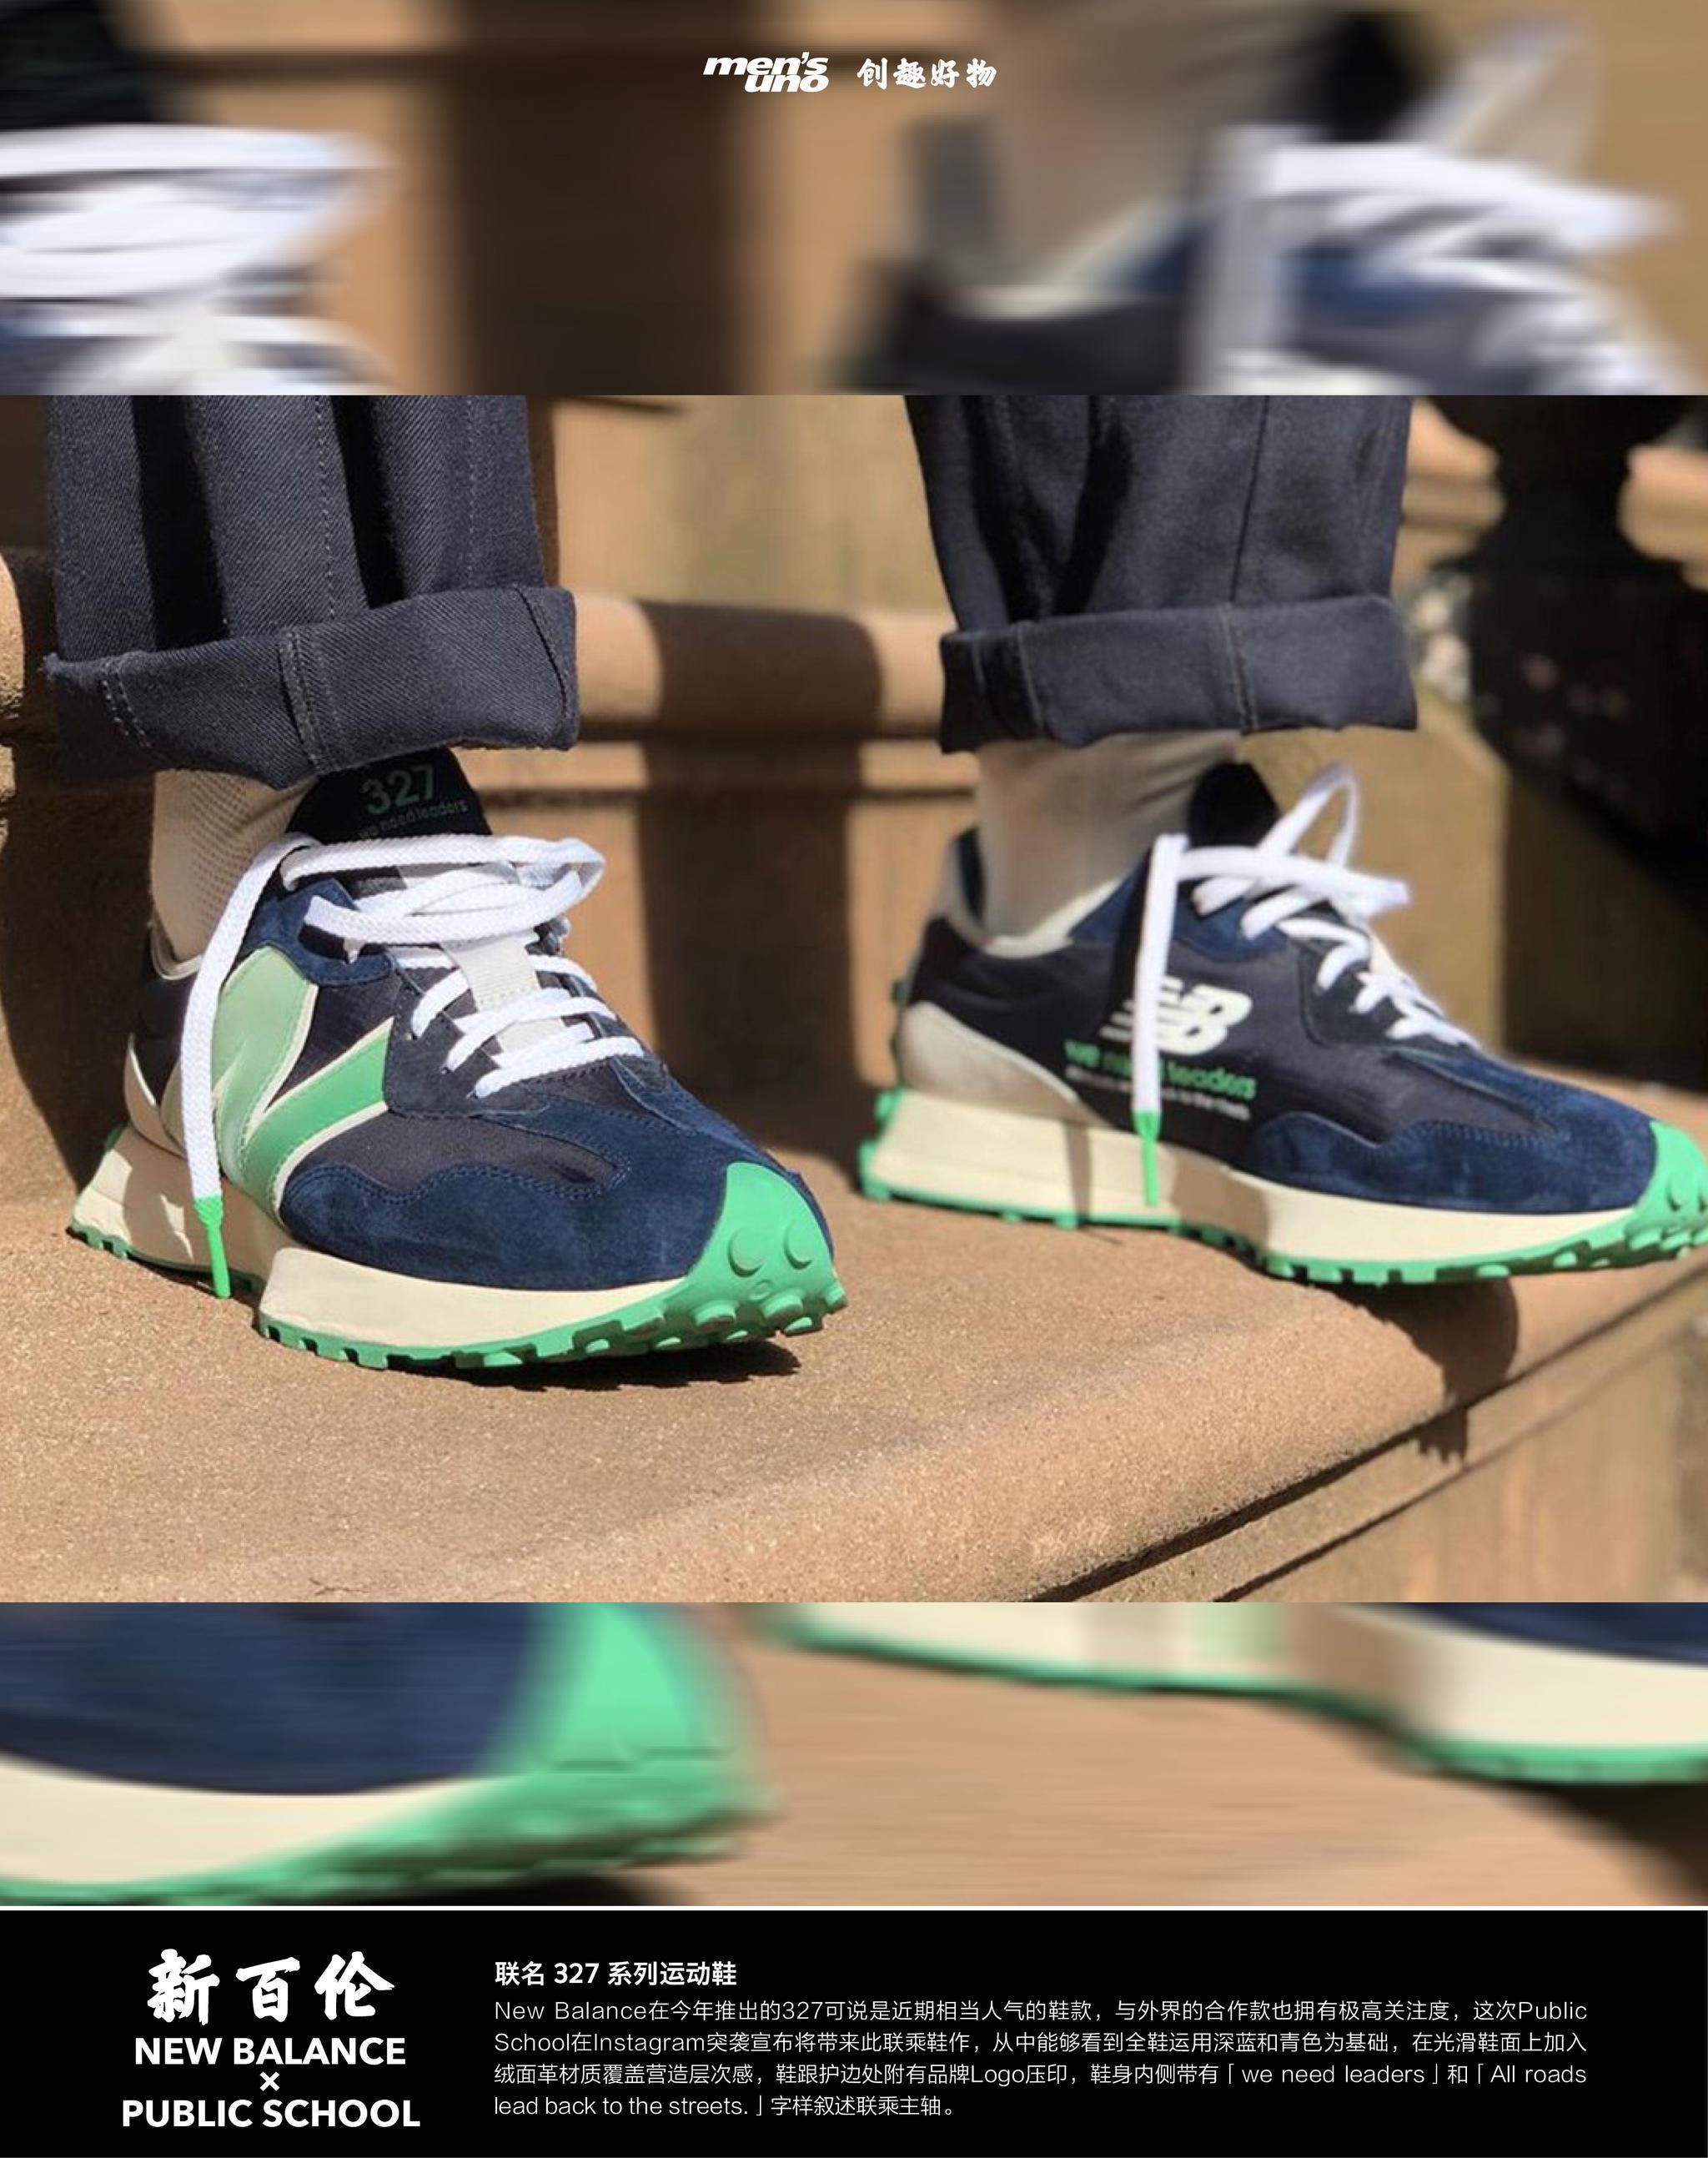 New Balance 在今年推出的327可说是近期相当人气的鞋款……